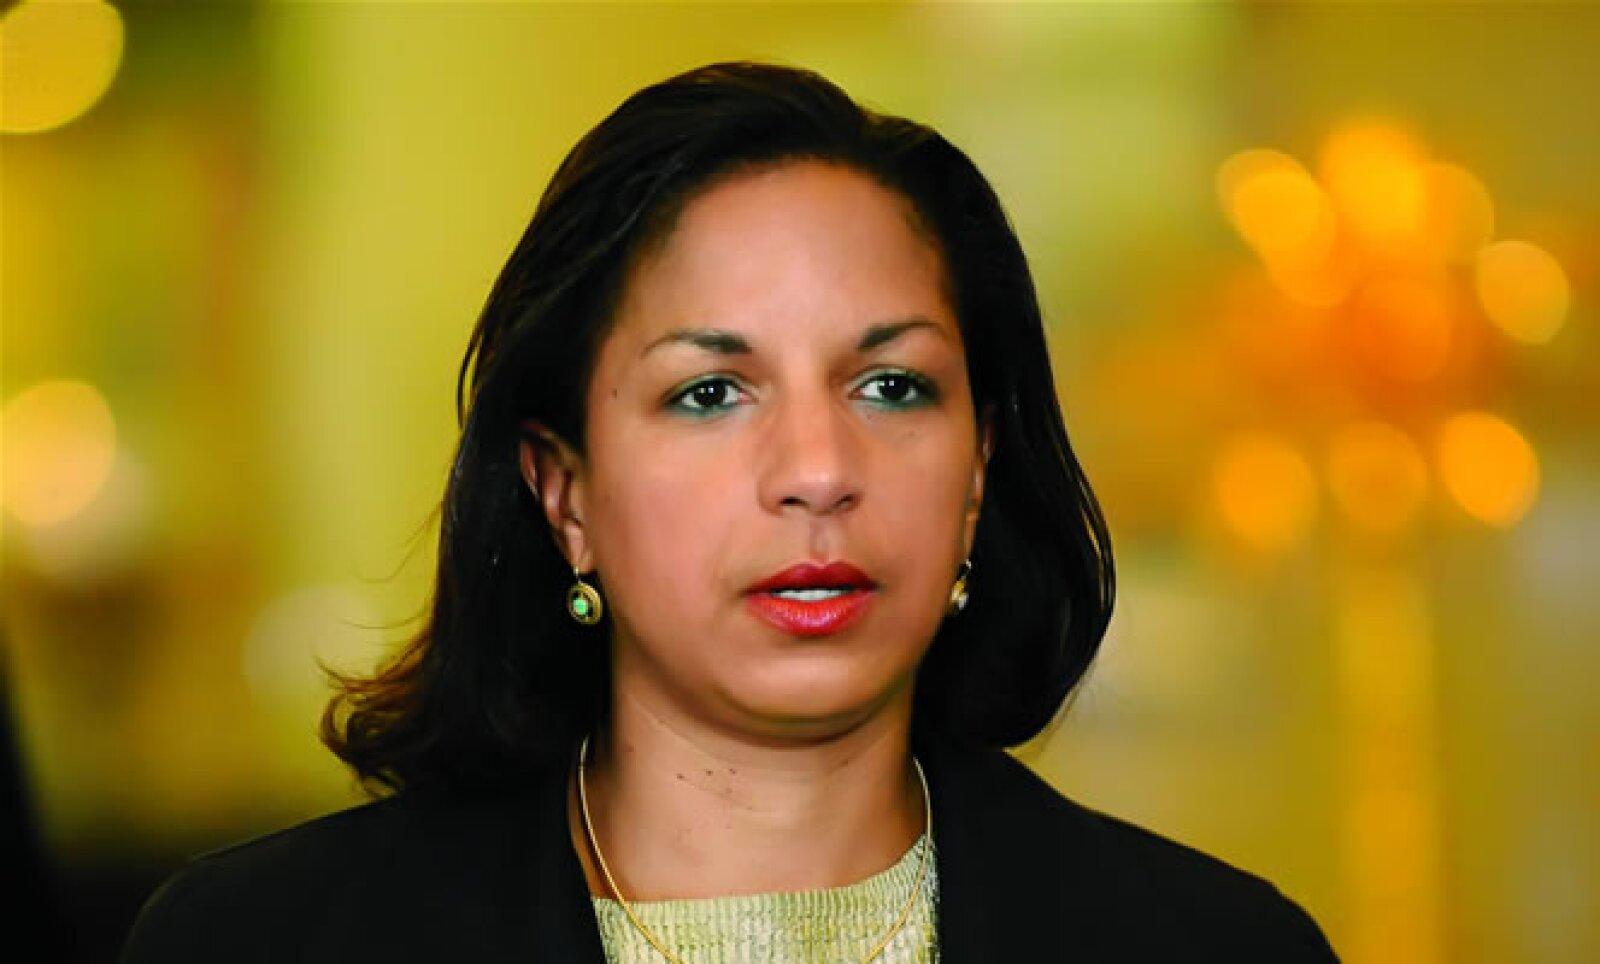 Susan Rice es la primera afroamericana en ser embajadora de EU ante la ONU. Directa y sin miedo a expresarse, Barack la respeta y valora por sus conocimientos.